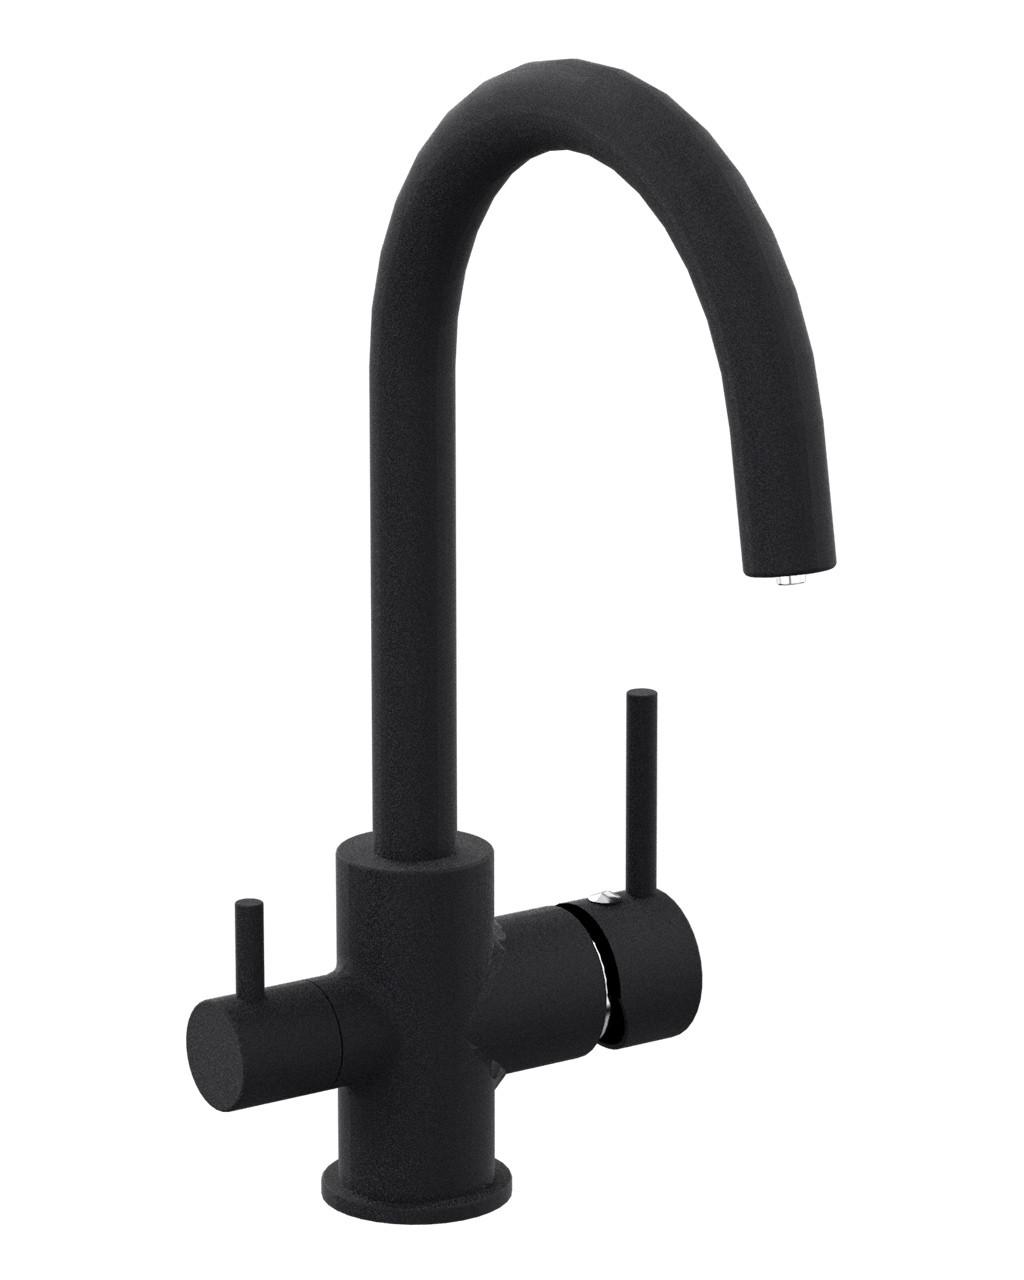 Змішувач для кухні з підключенням питної води Imprese Daicy 55009-UB